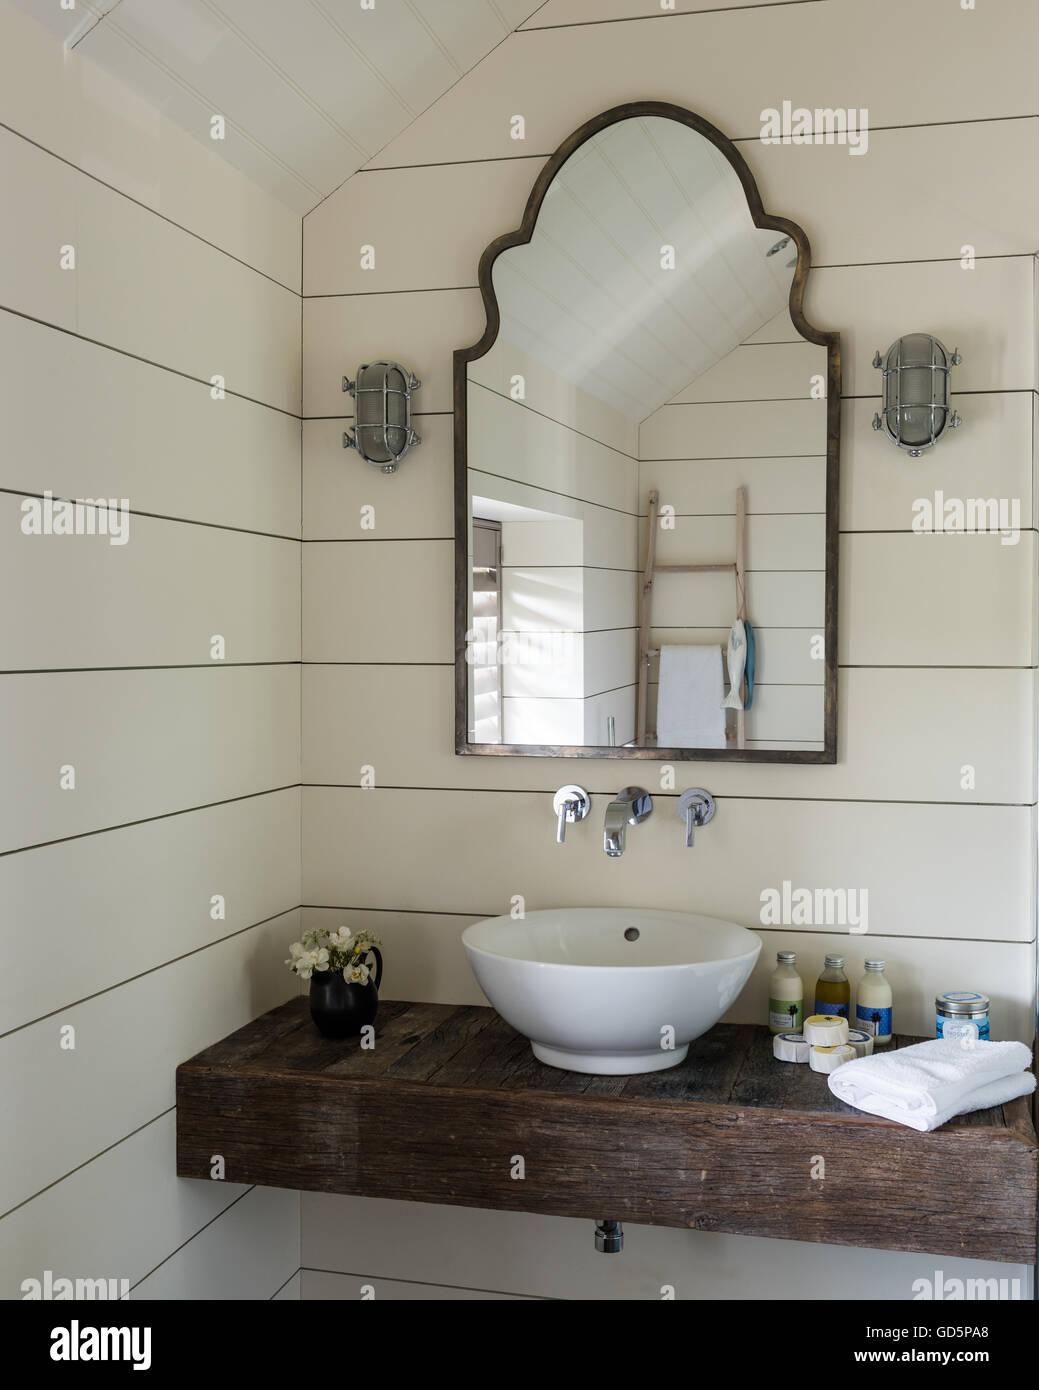 Slab im genes de stock slab fotos de stock alamy - Banos con paredes pintadas ...